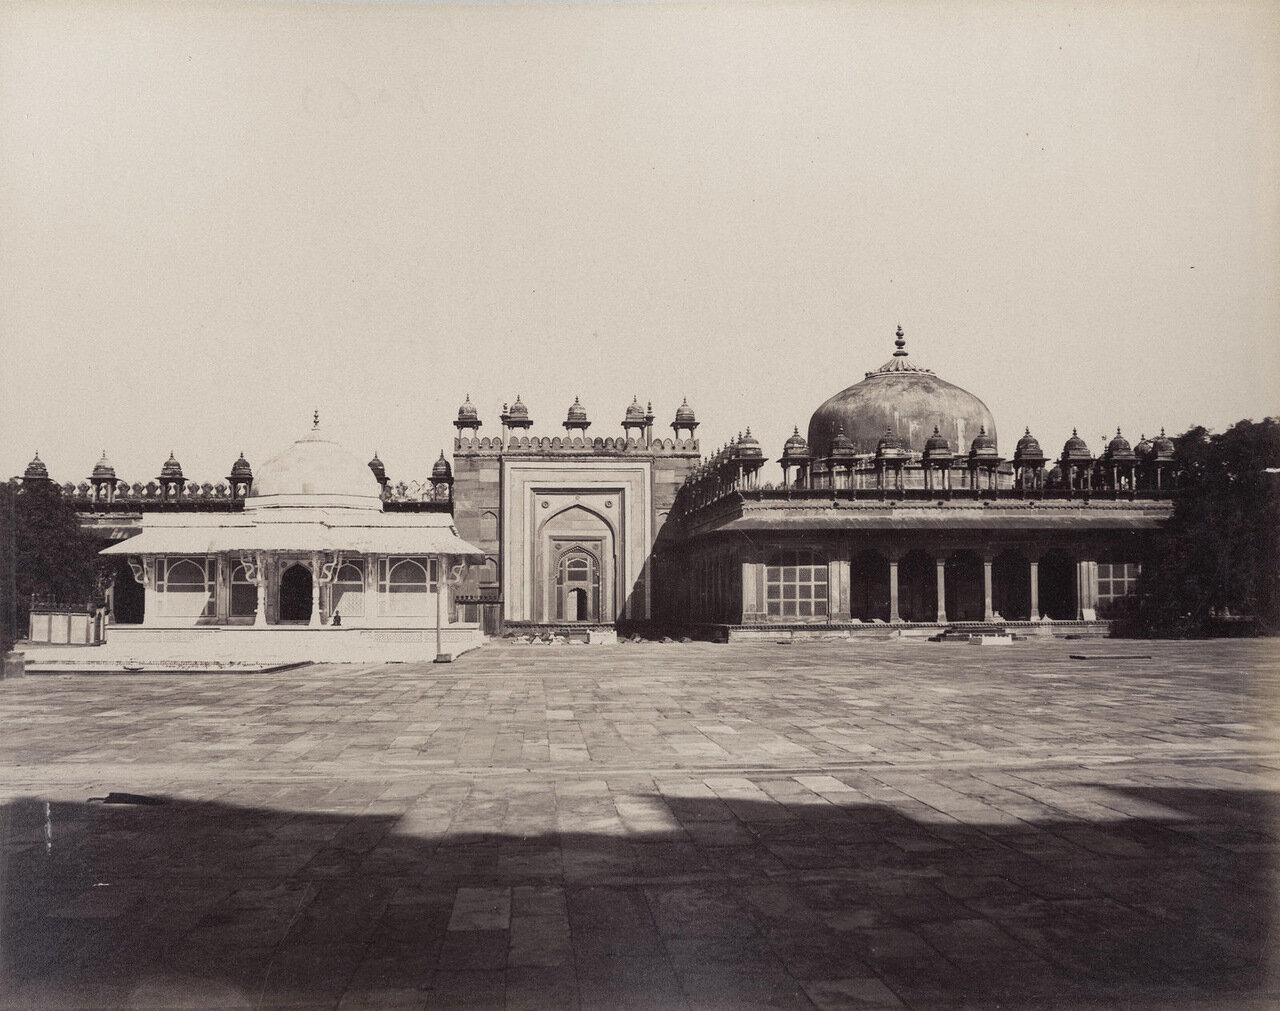 Фатехпур Сикри. 1880